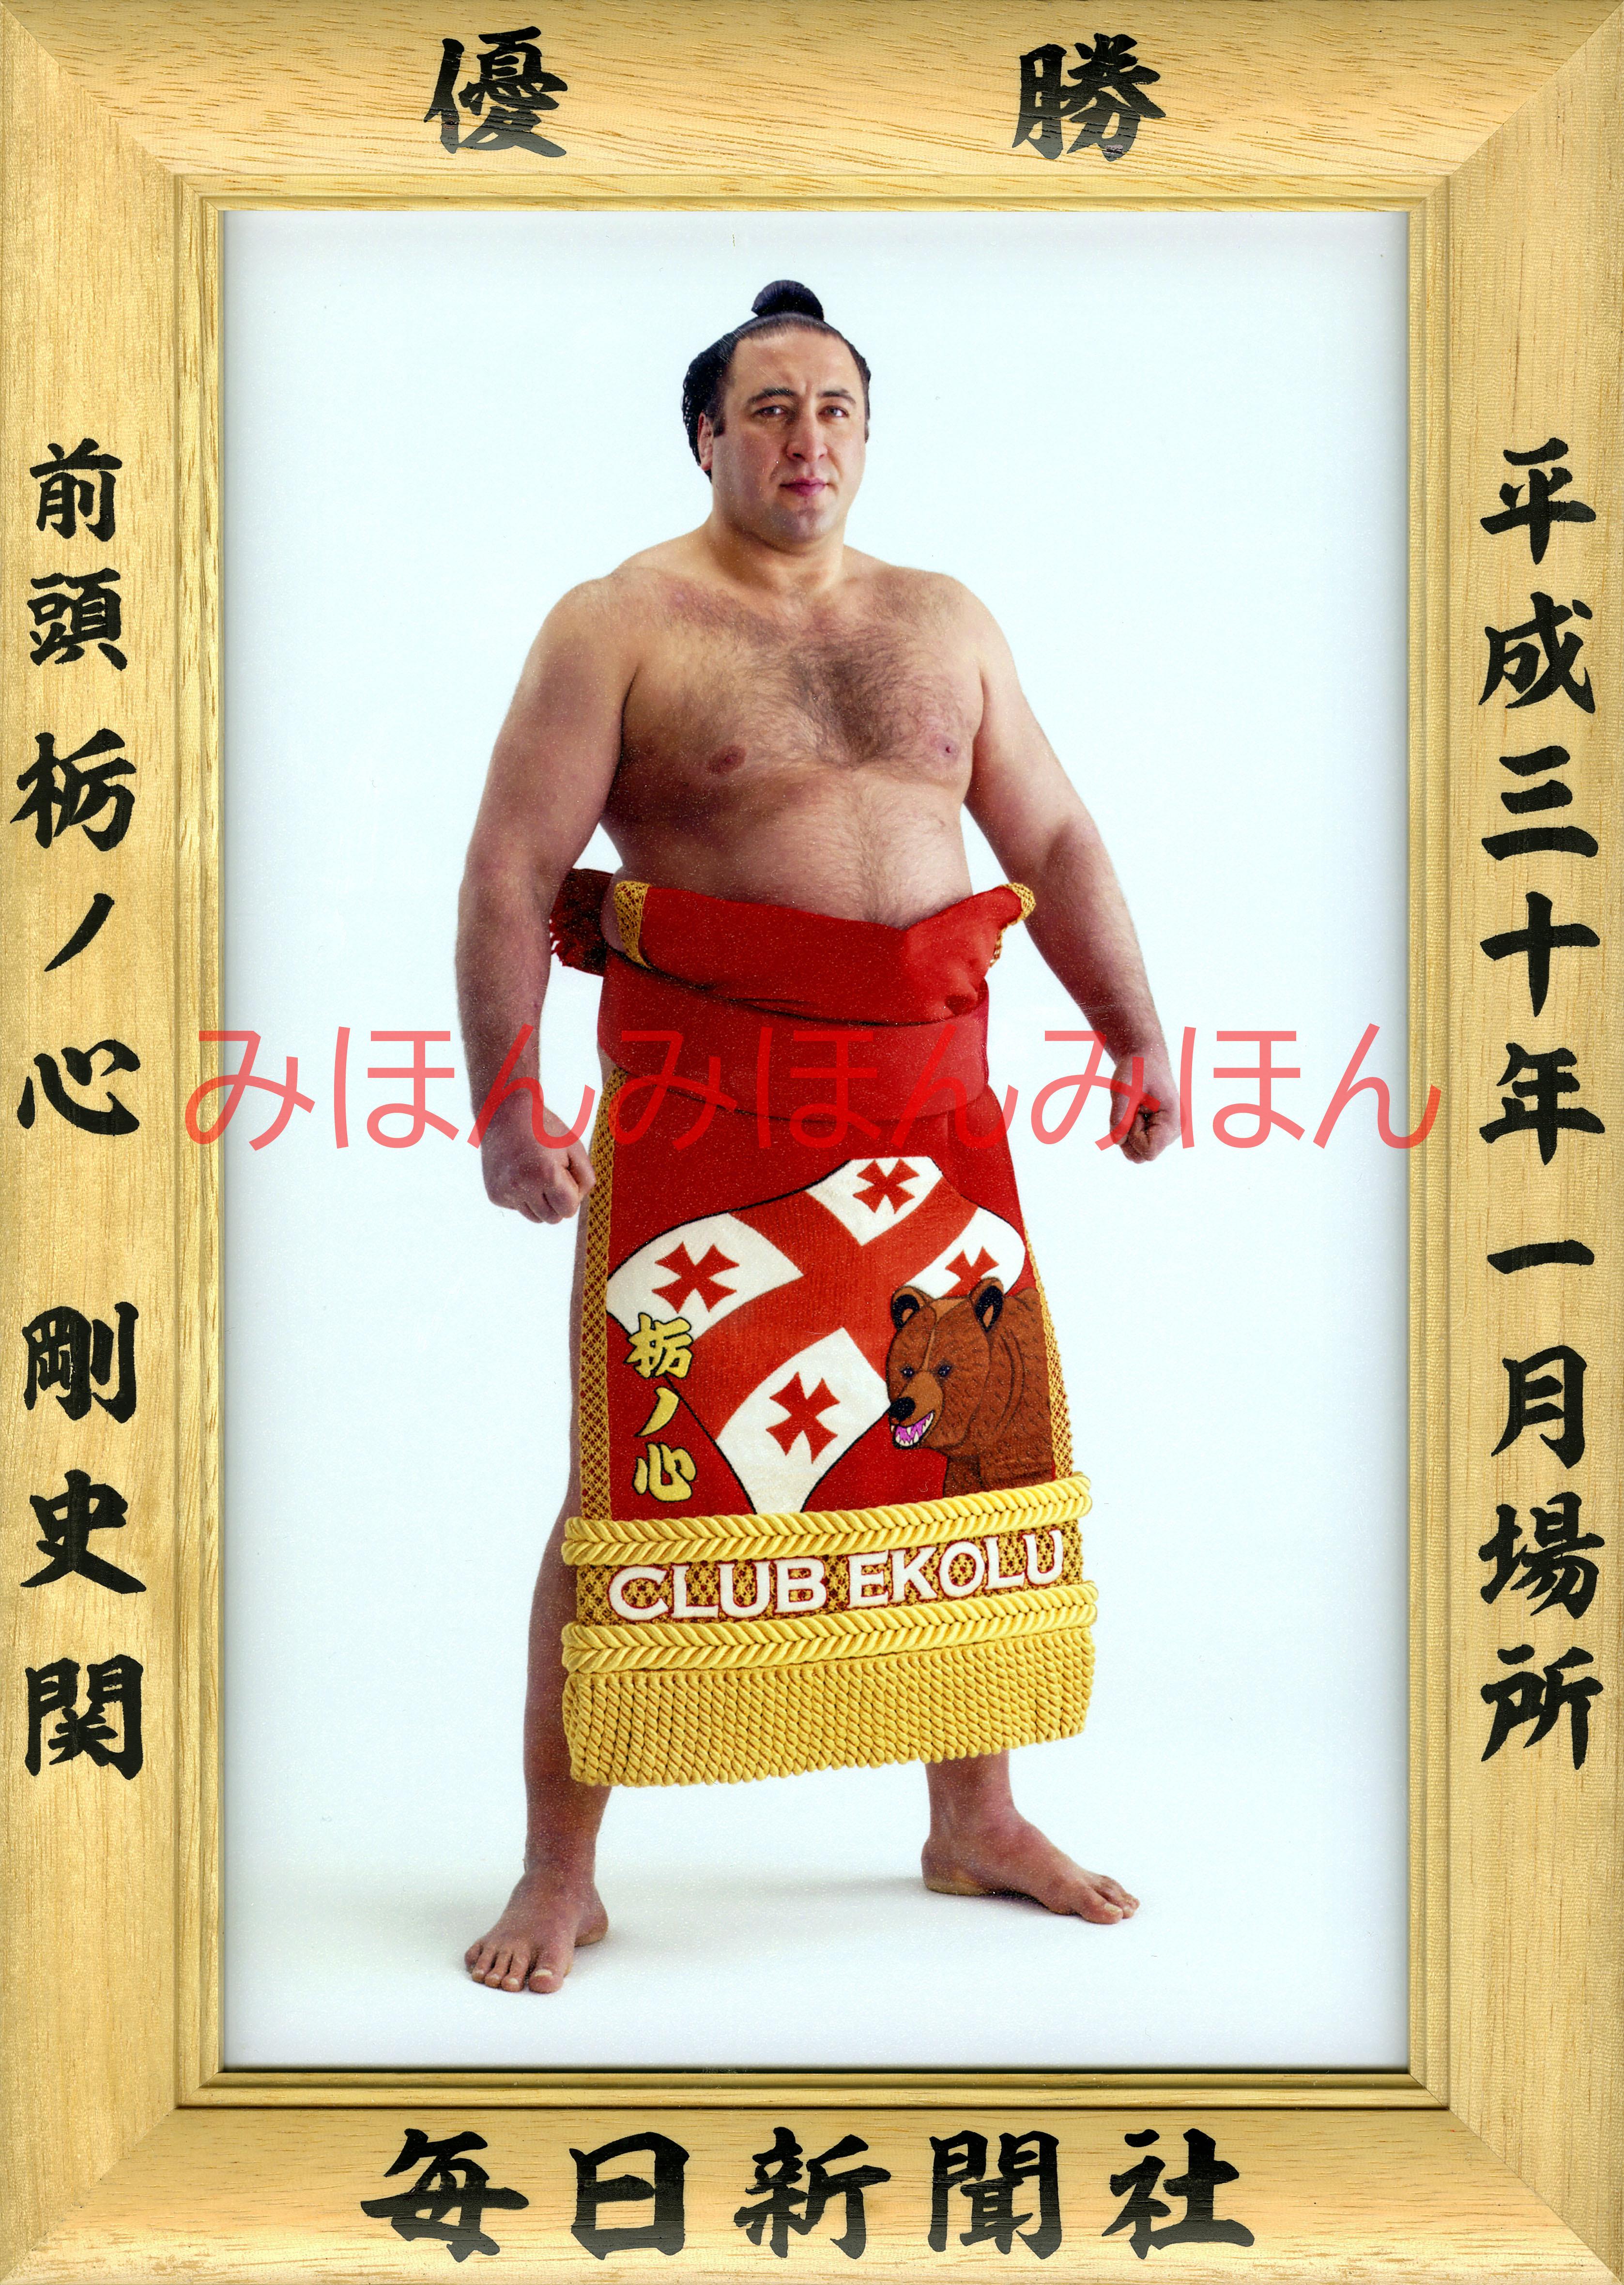 平成30年1月場所優勝 前頭 栃ノ心剛史関(初優勝)